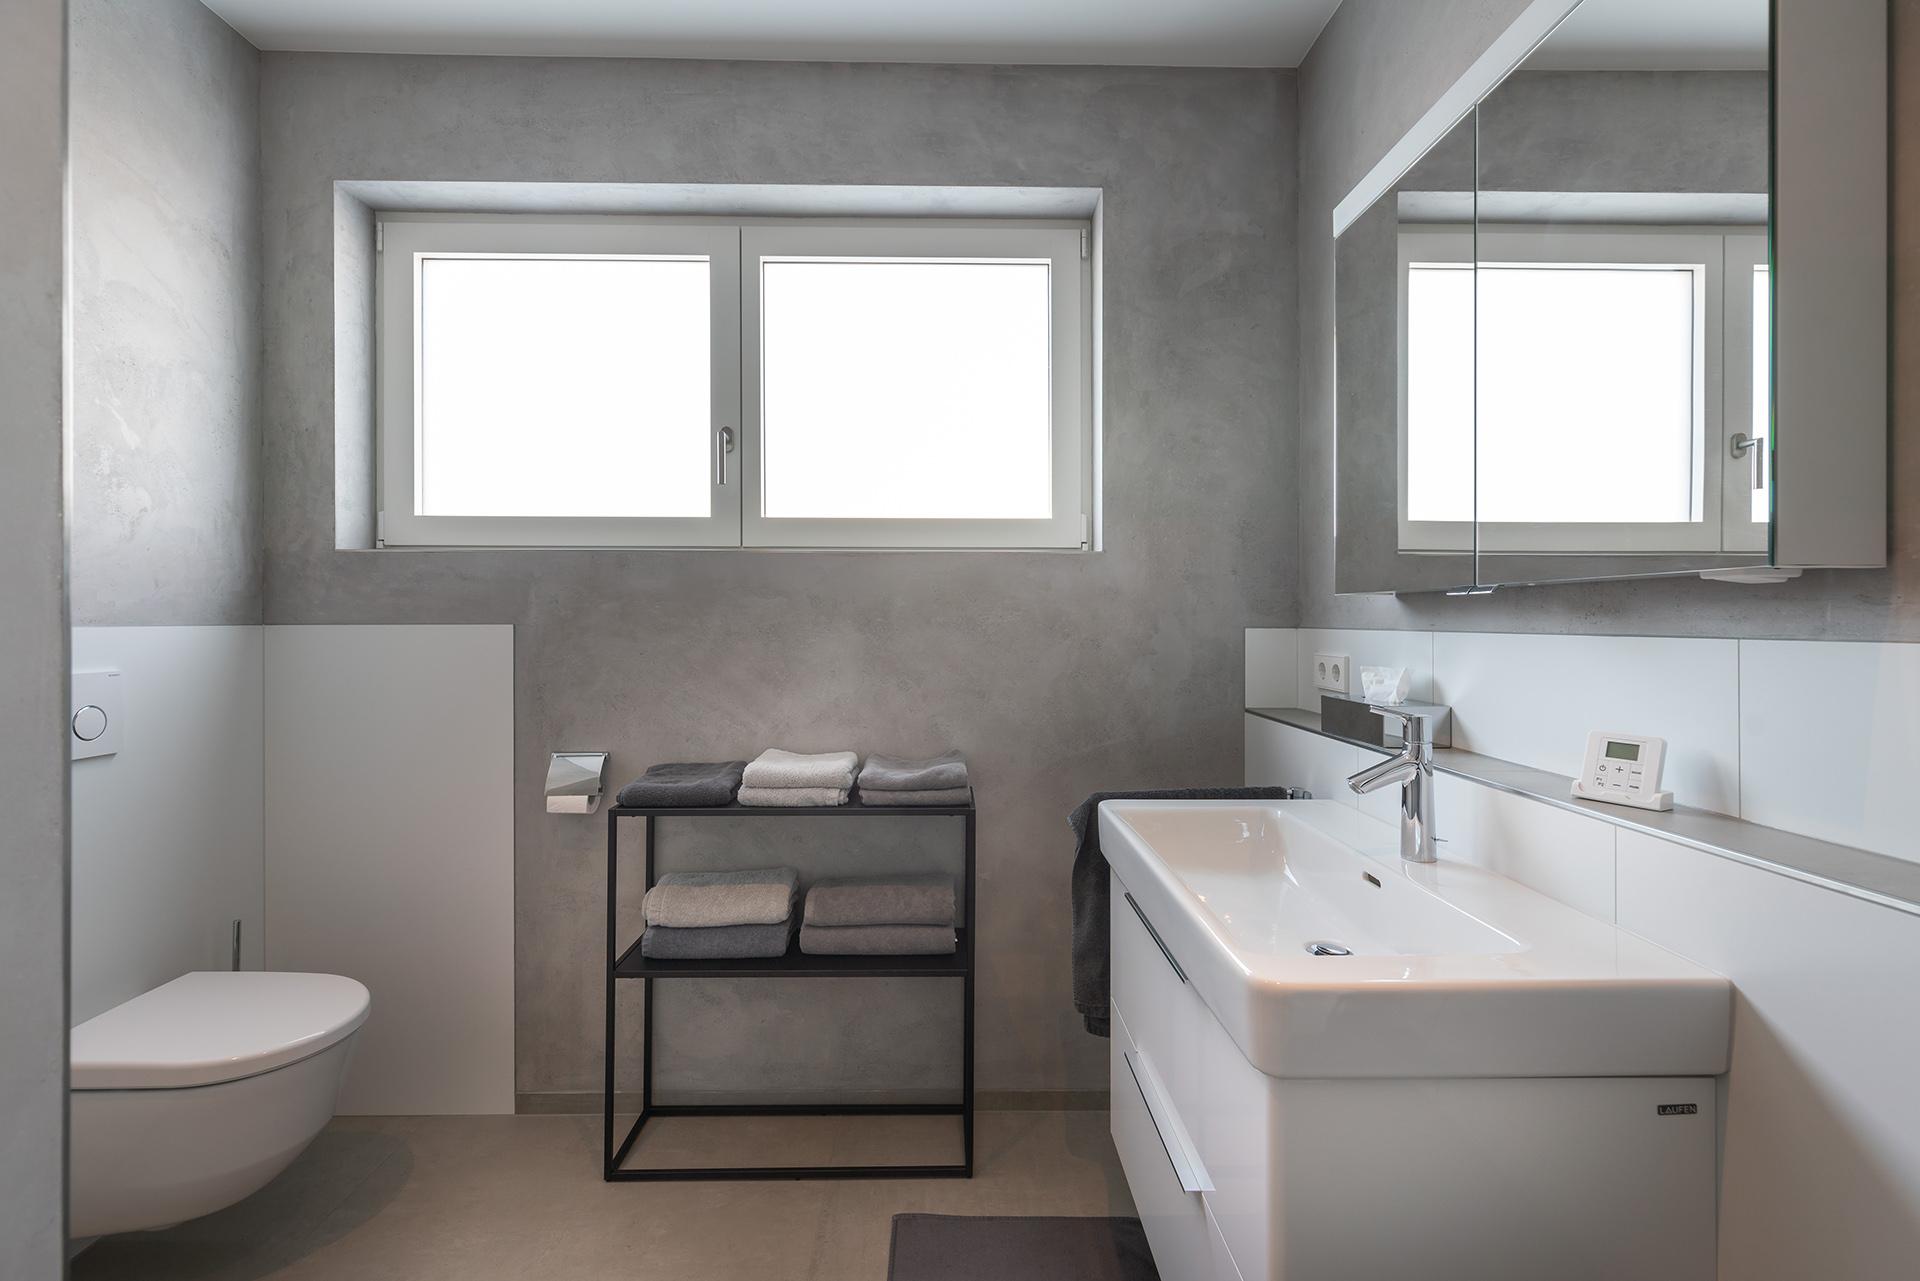 HUCK-Haustechnik-Bad-Sanitär-Installation-Modern-Mobiliar